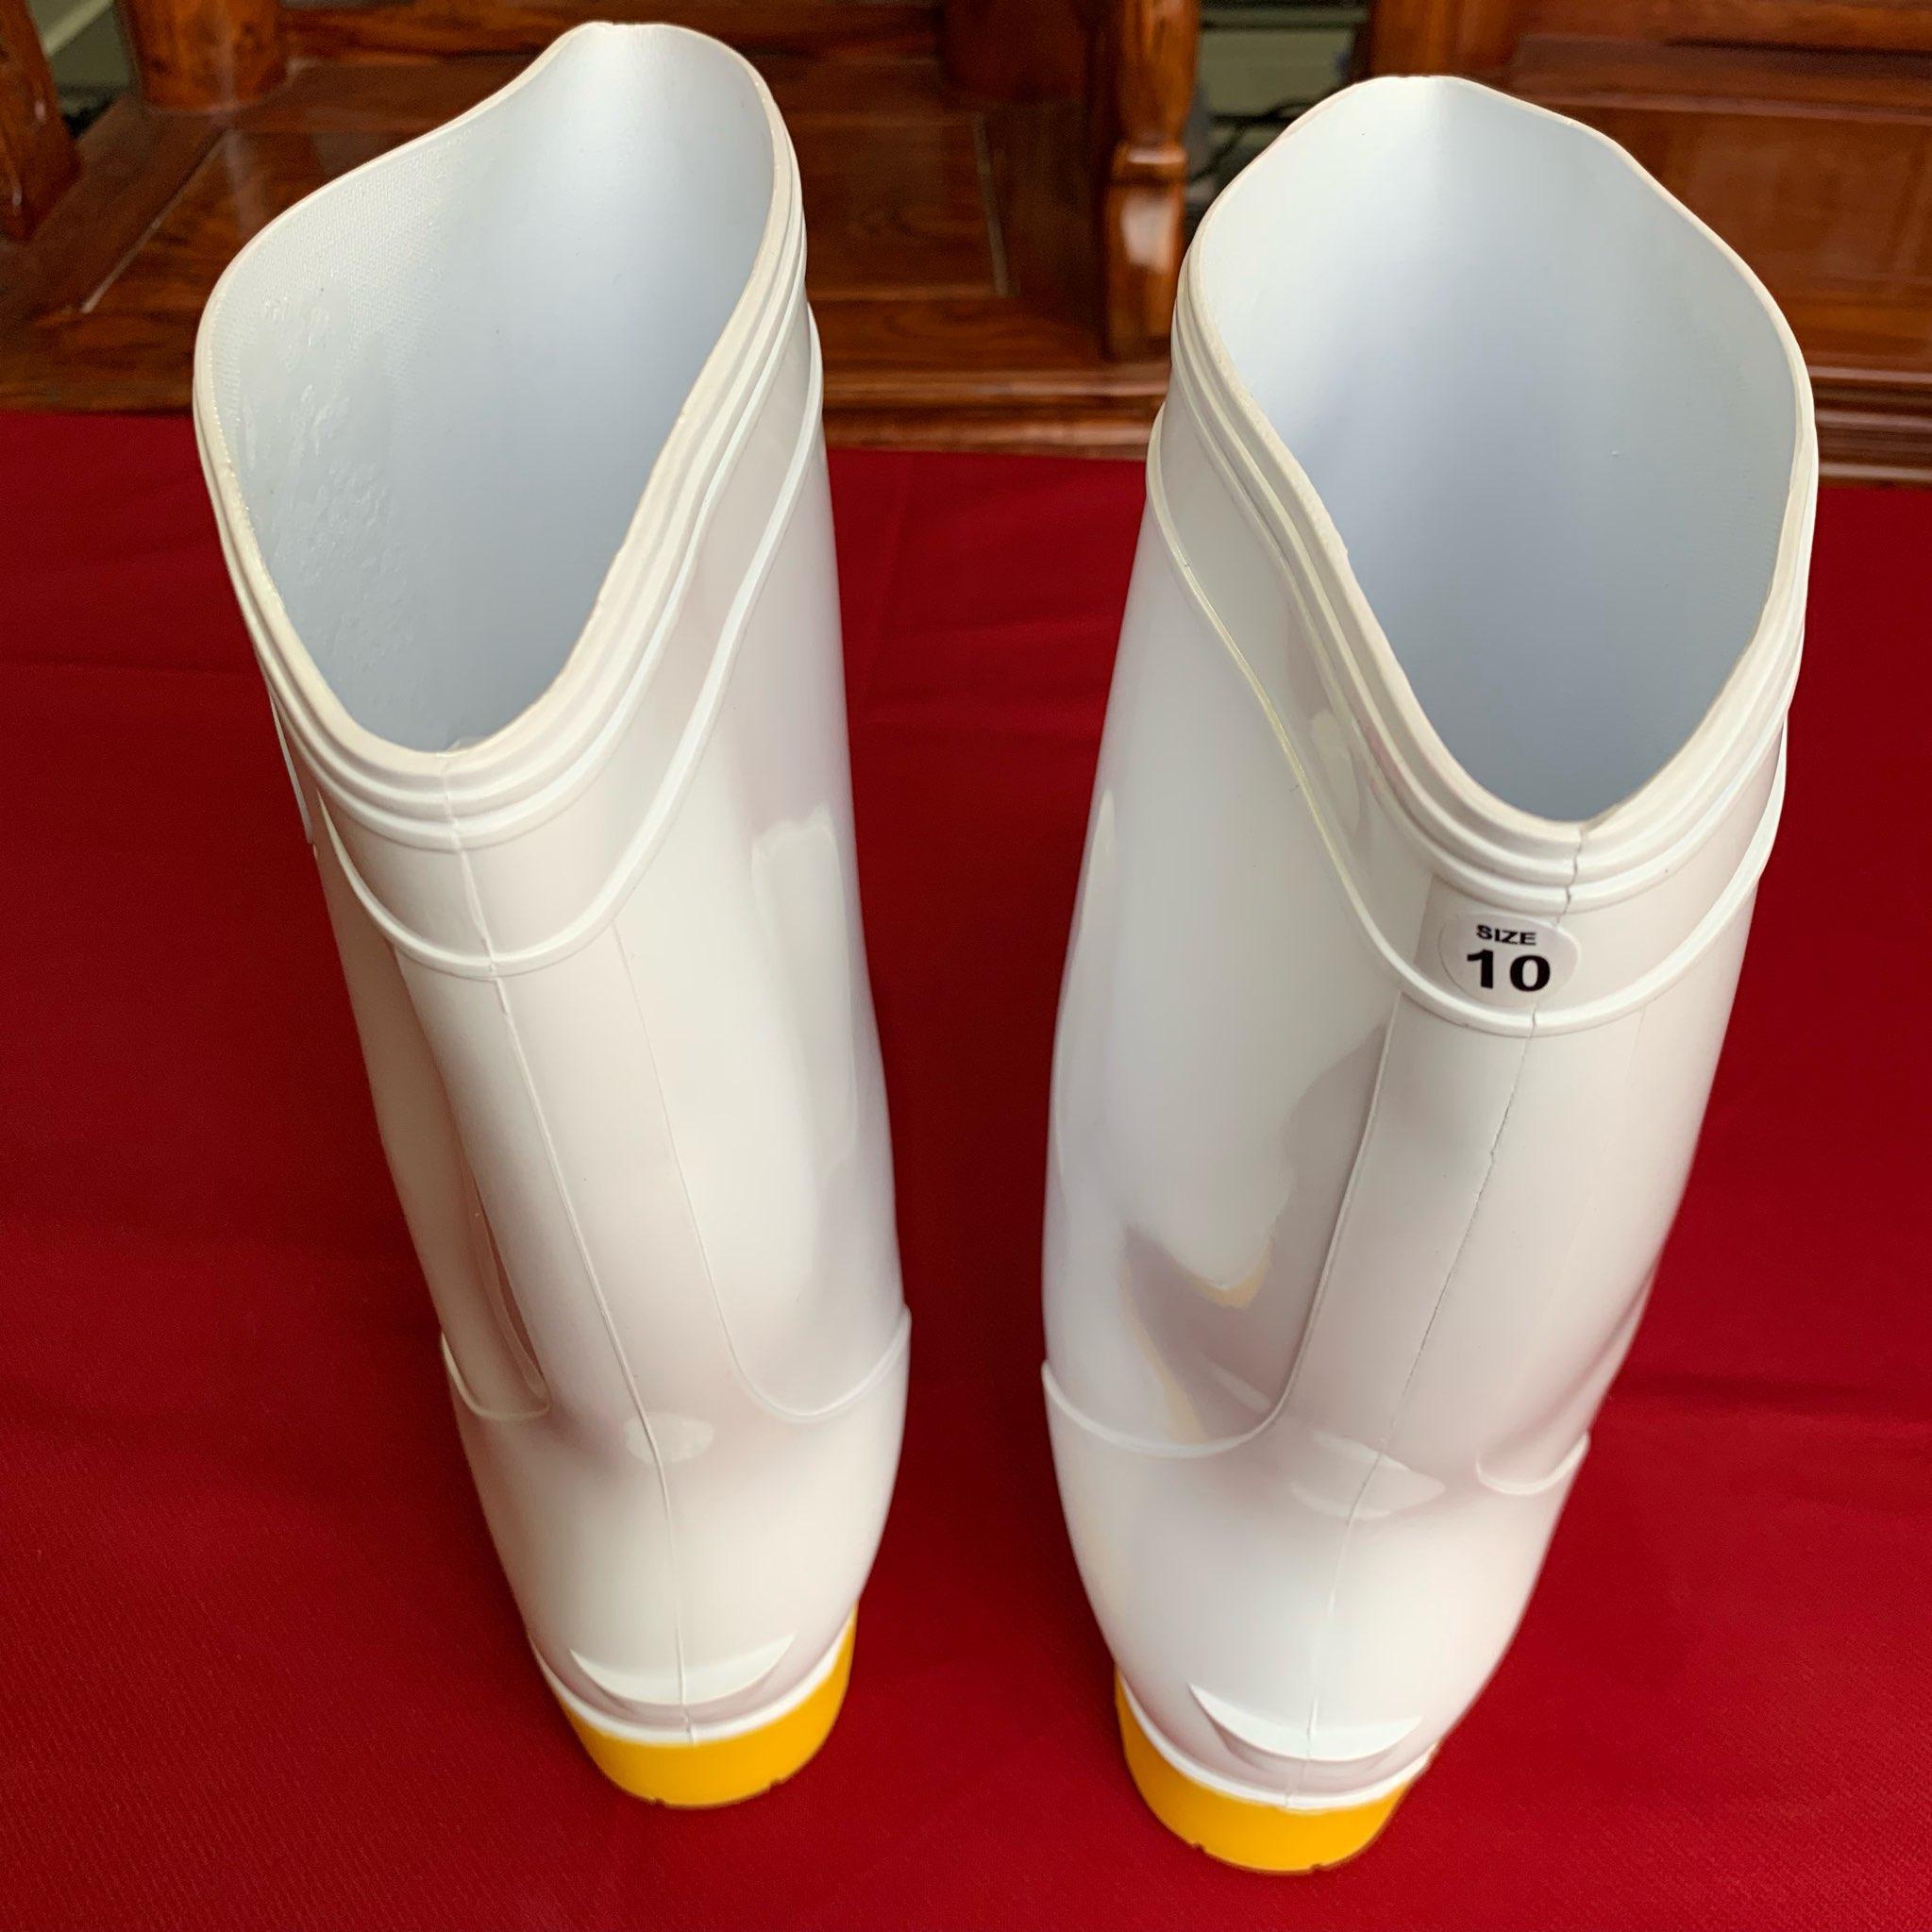 Ủng bảo hộ thân trắng đế vàng  RB003 size 43 ( Size 10 ) OEM-1865